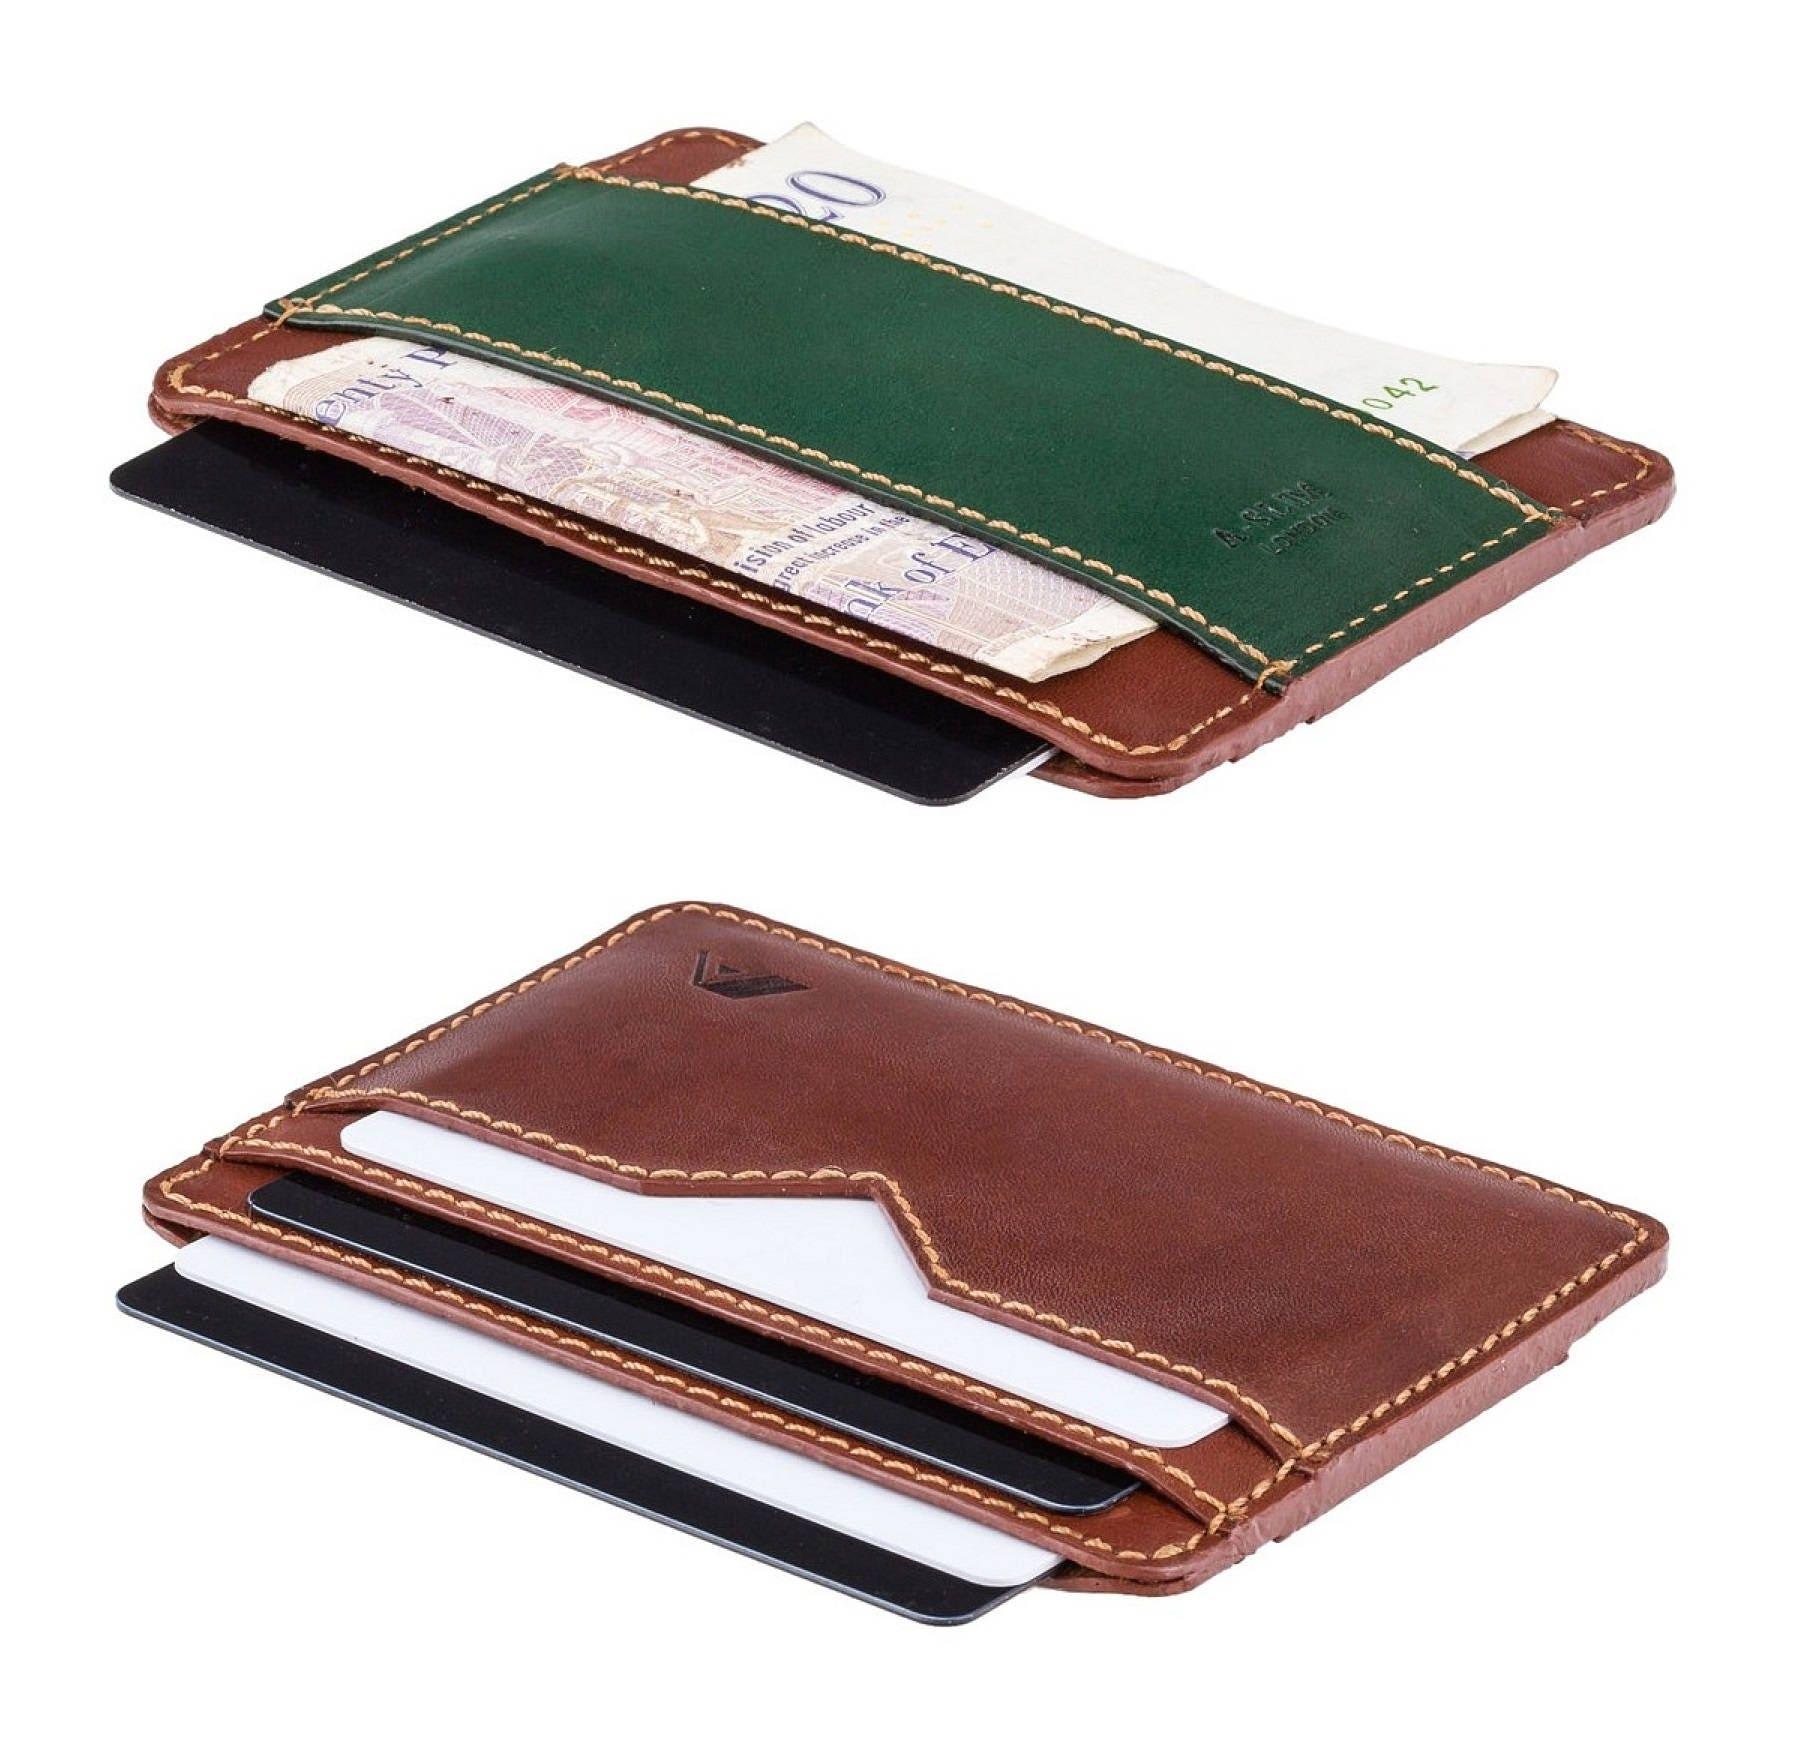 Super-sottile carta e contanti portafoglio - minimalista man portafoglio in pelle - A-SLIM - Tan/verde - Gents Sunnari - Card e contanti - portafoglio in pelle